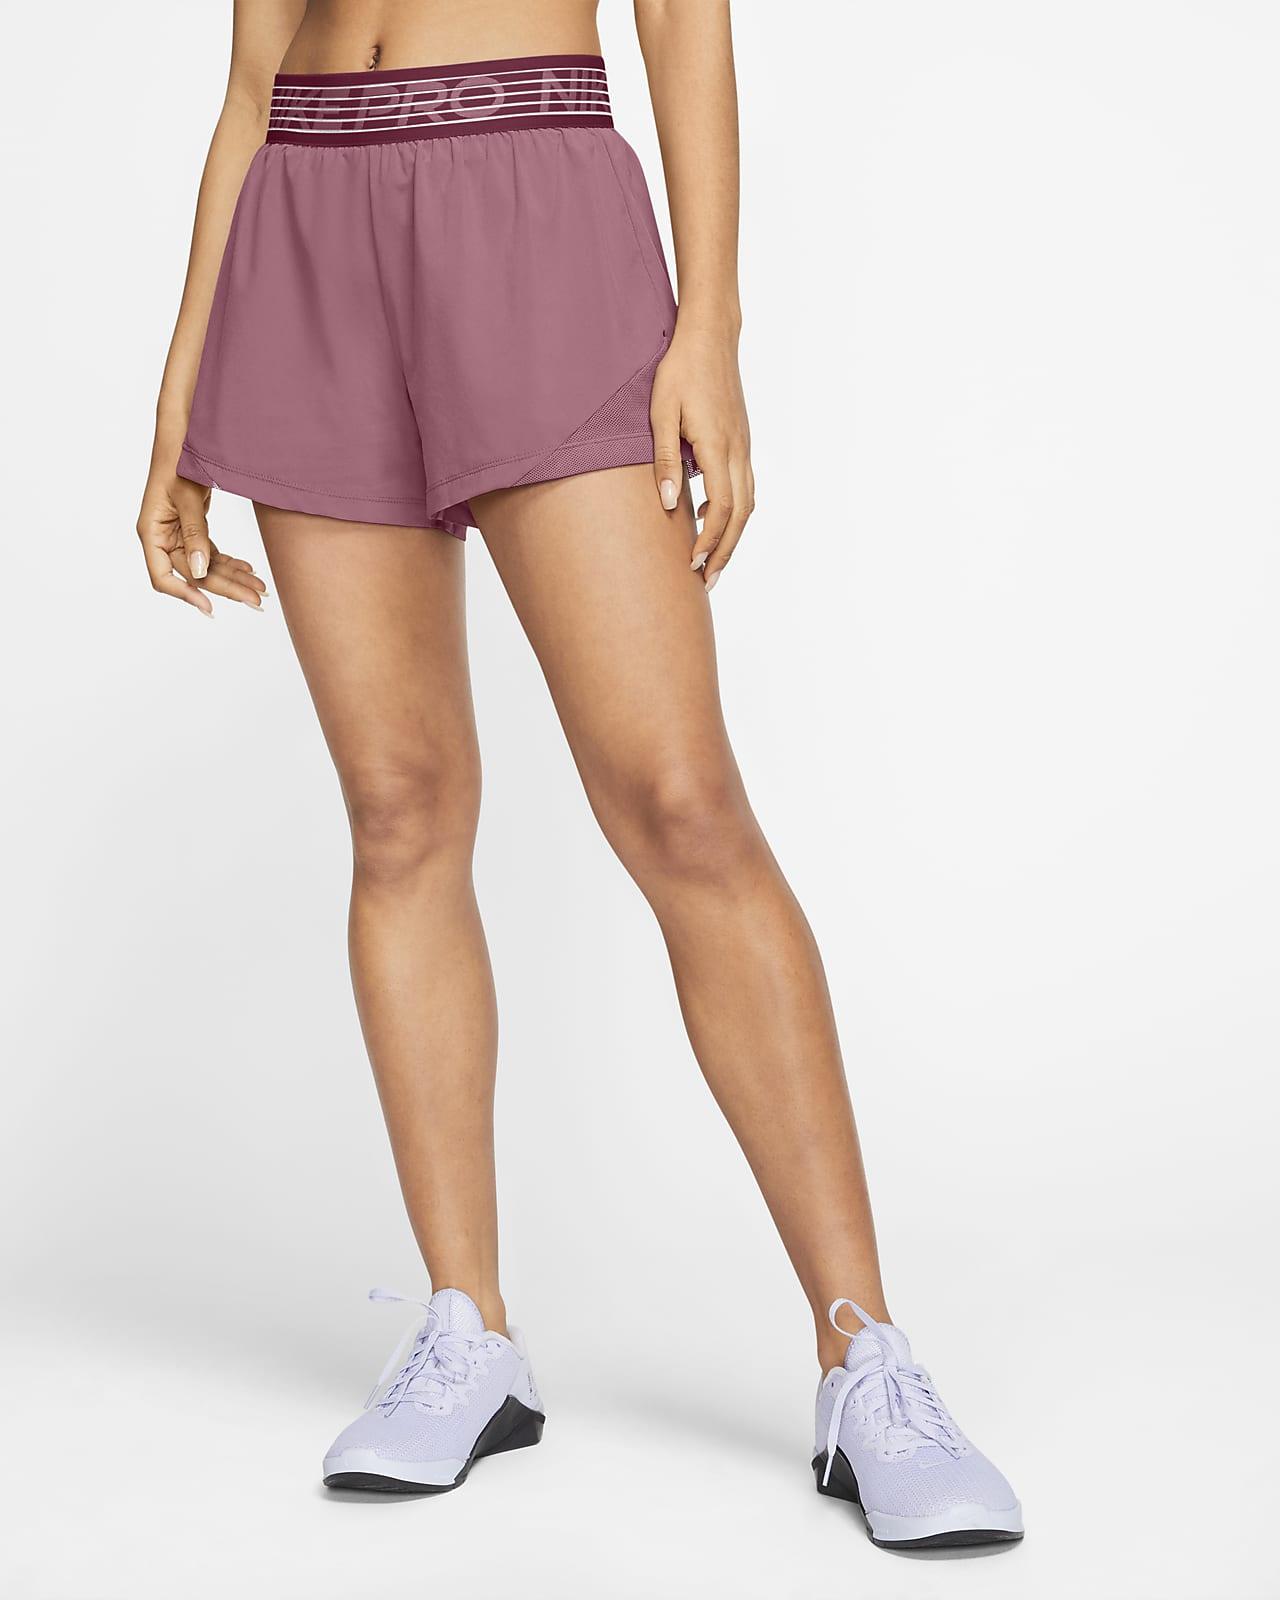 กางเกงขาสั้น 2-in-1 ผู้หญิง Nike Pro Flex